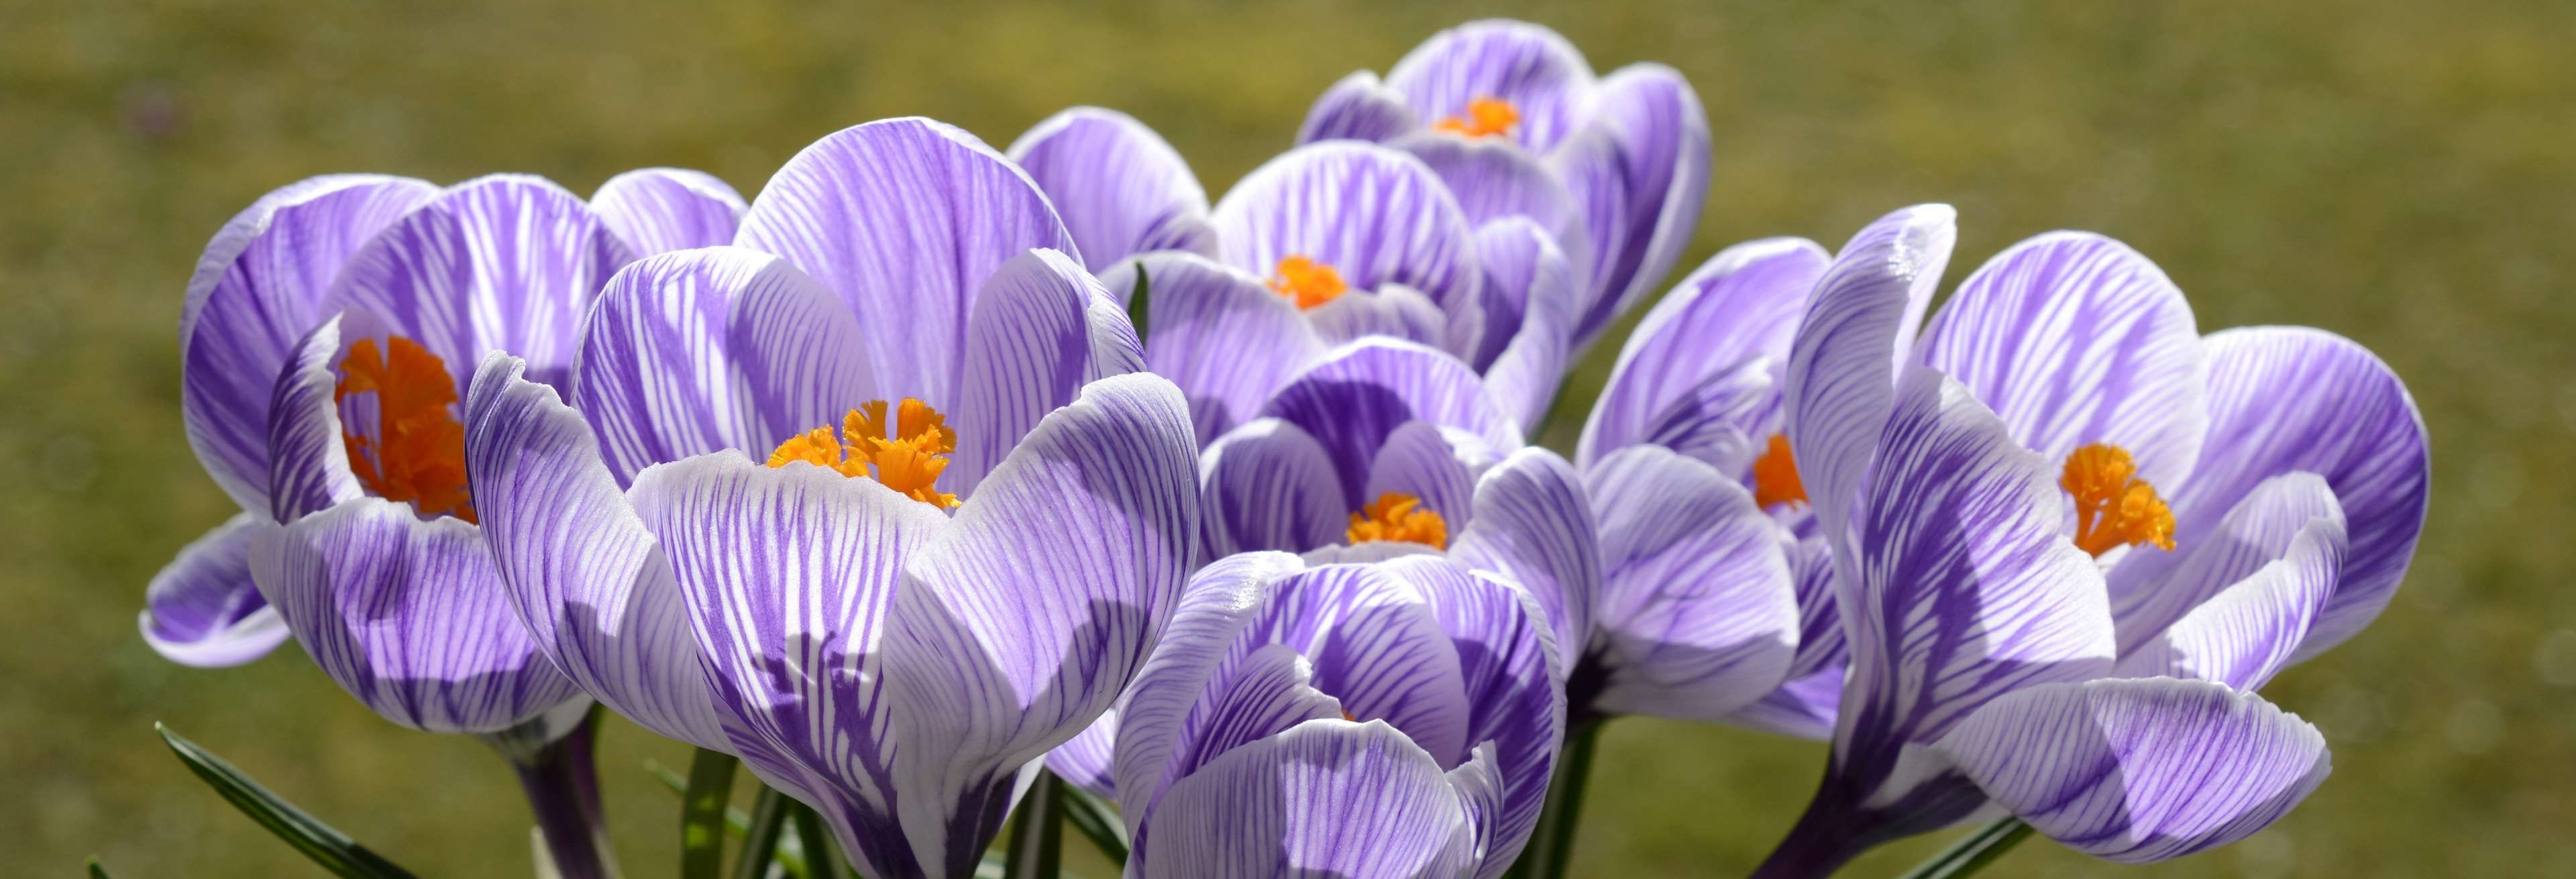 Bloom Blossom Crocus Early Bloomer Flower Harbinger Of Spring